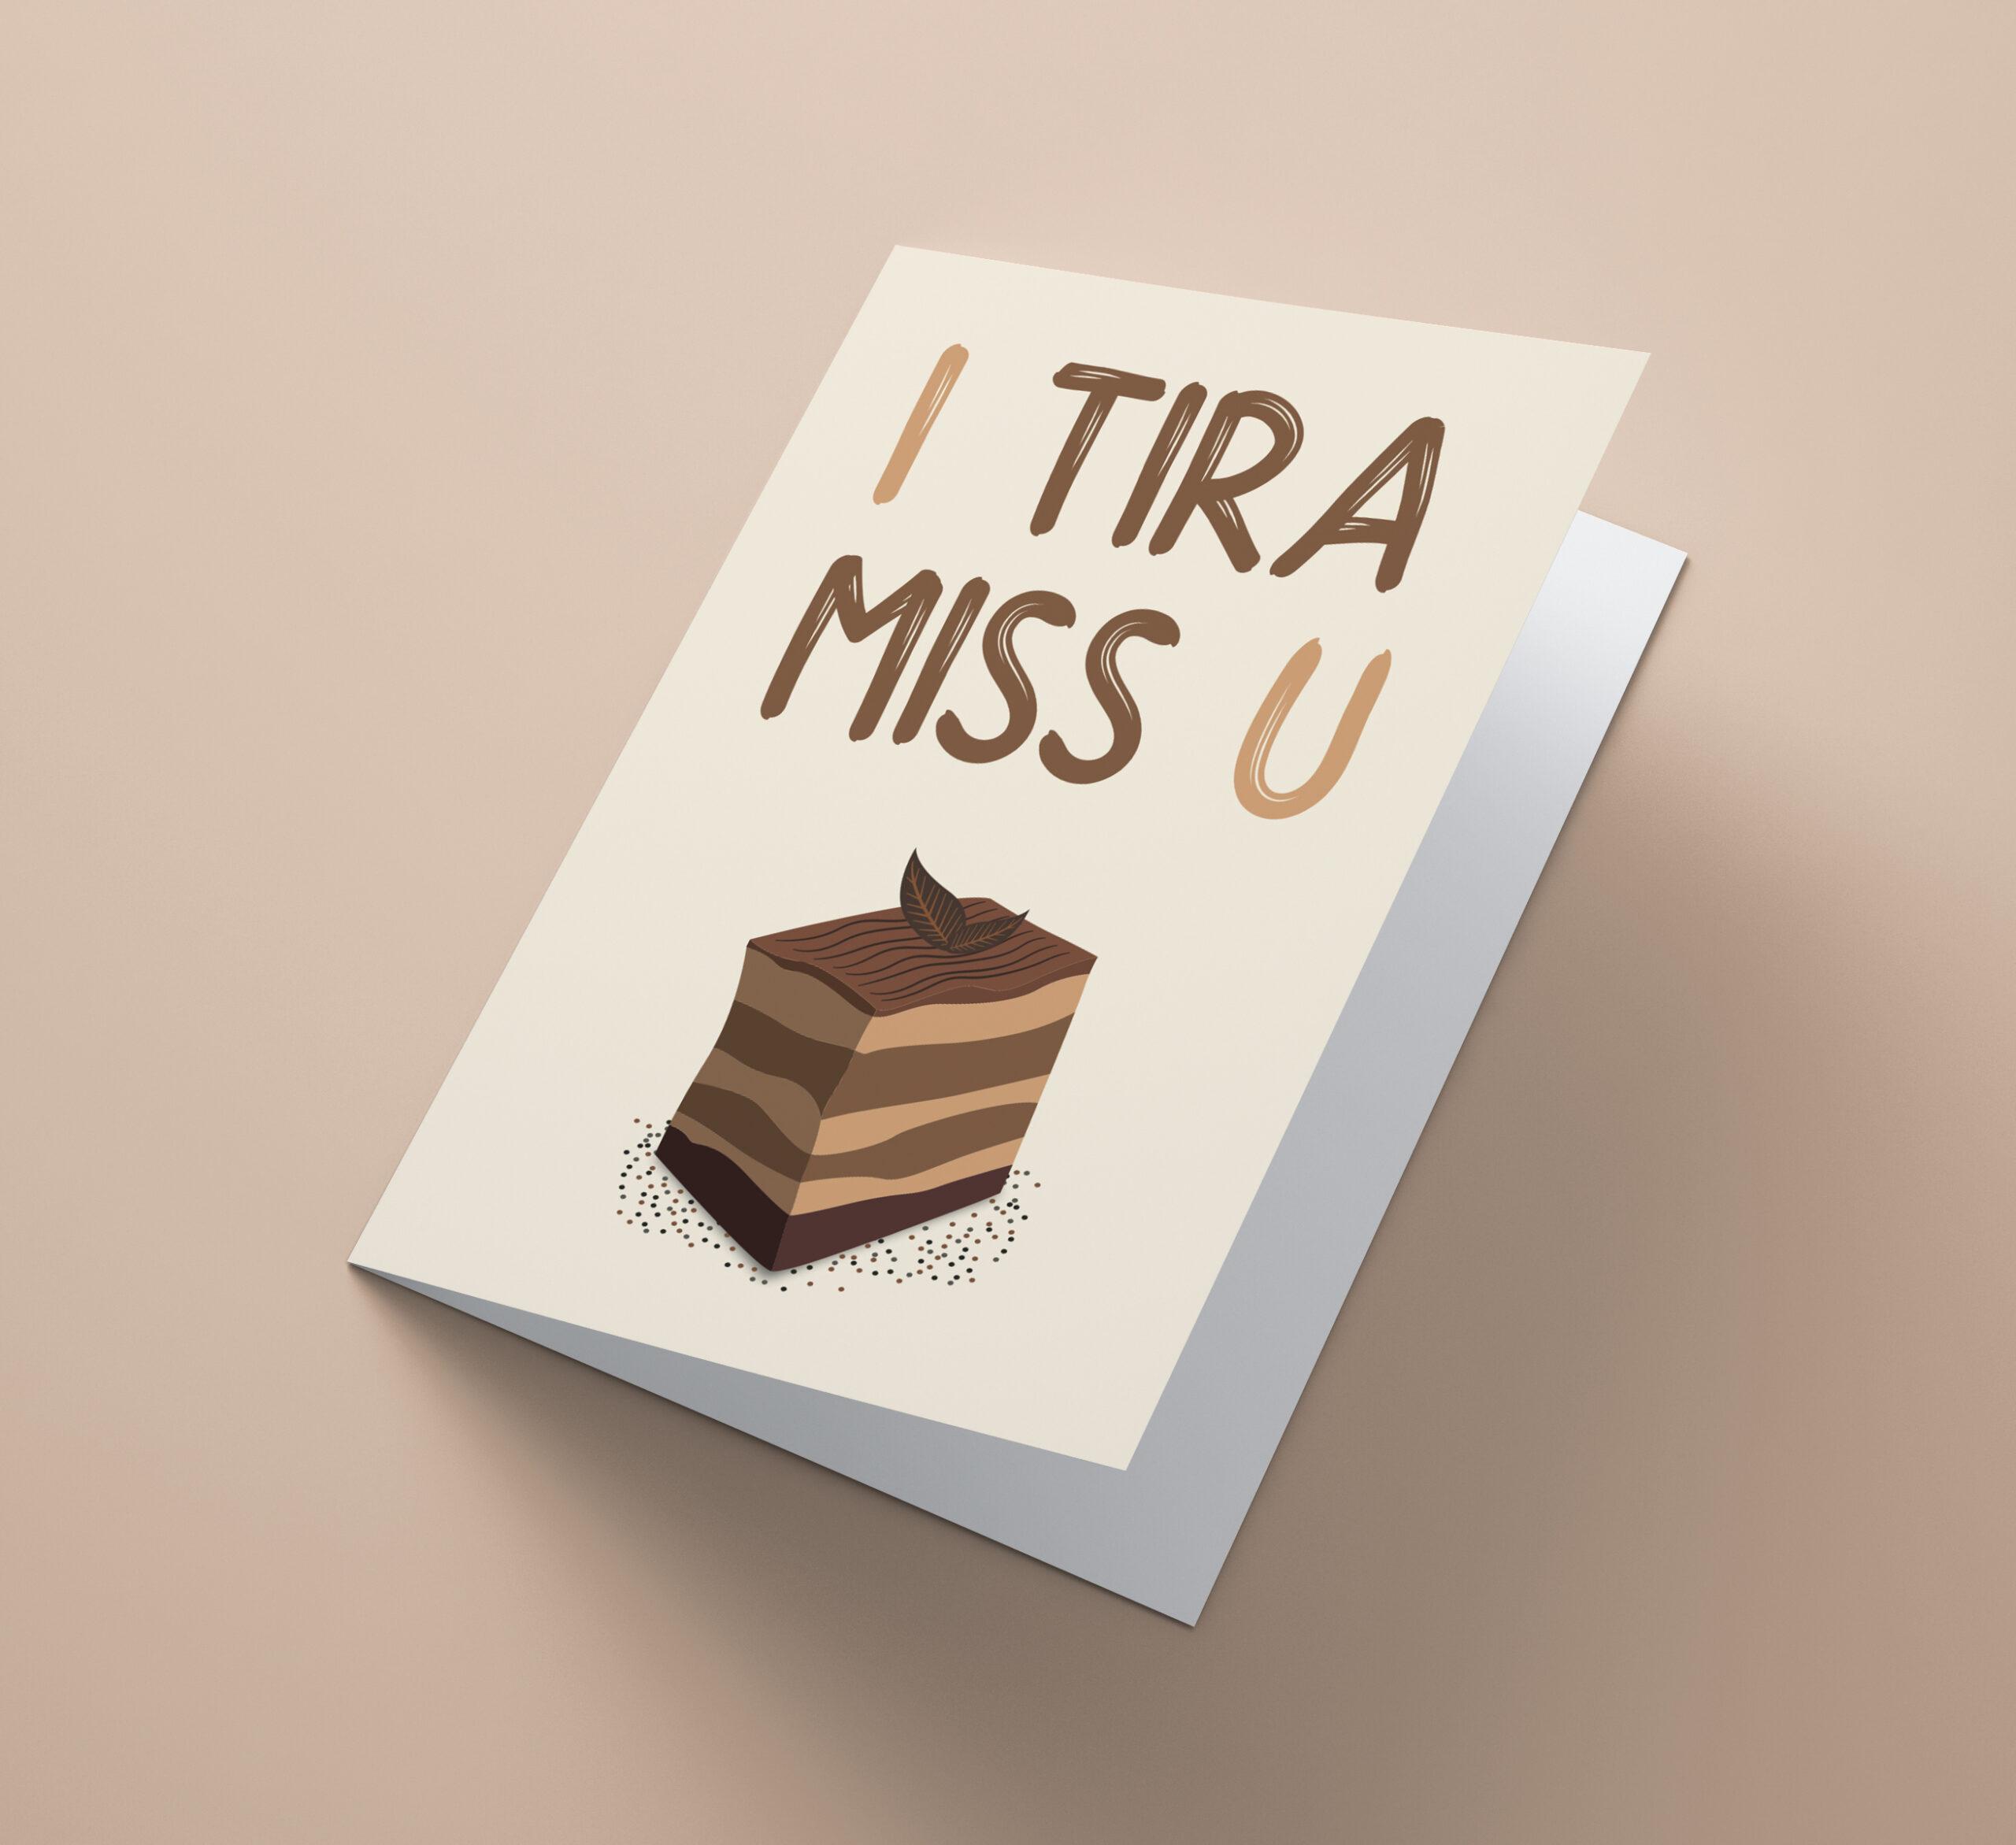 I Tira Miss U